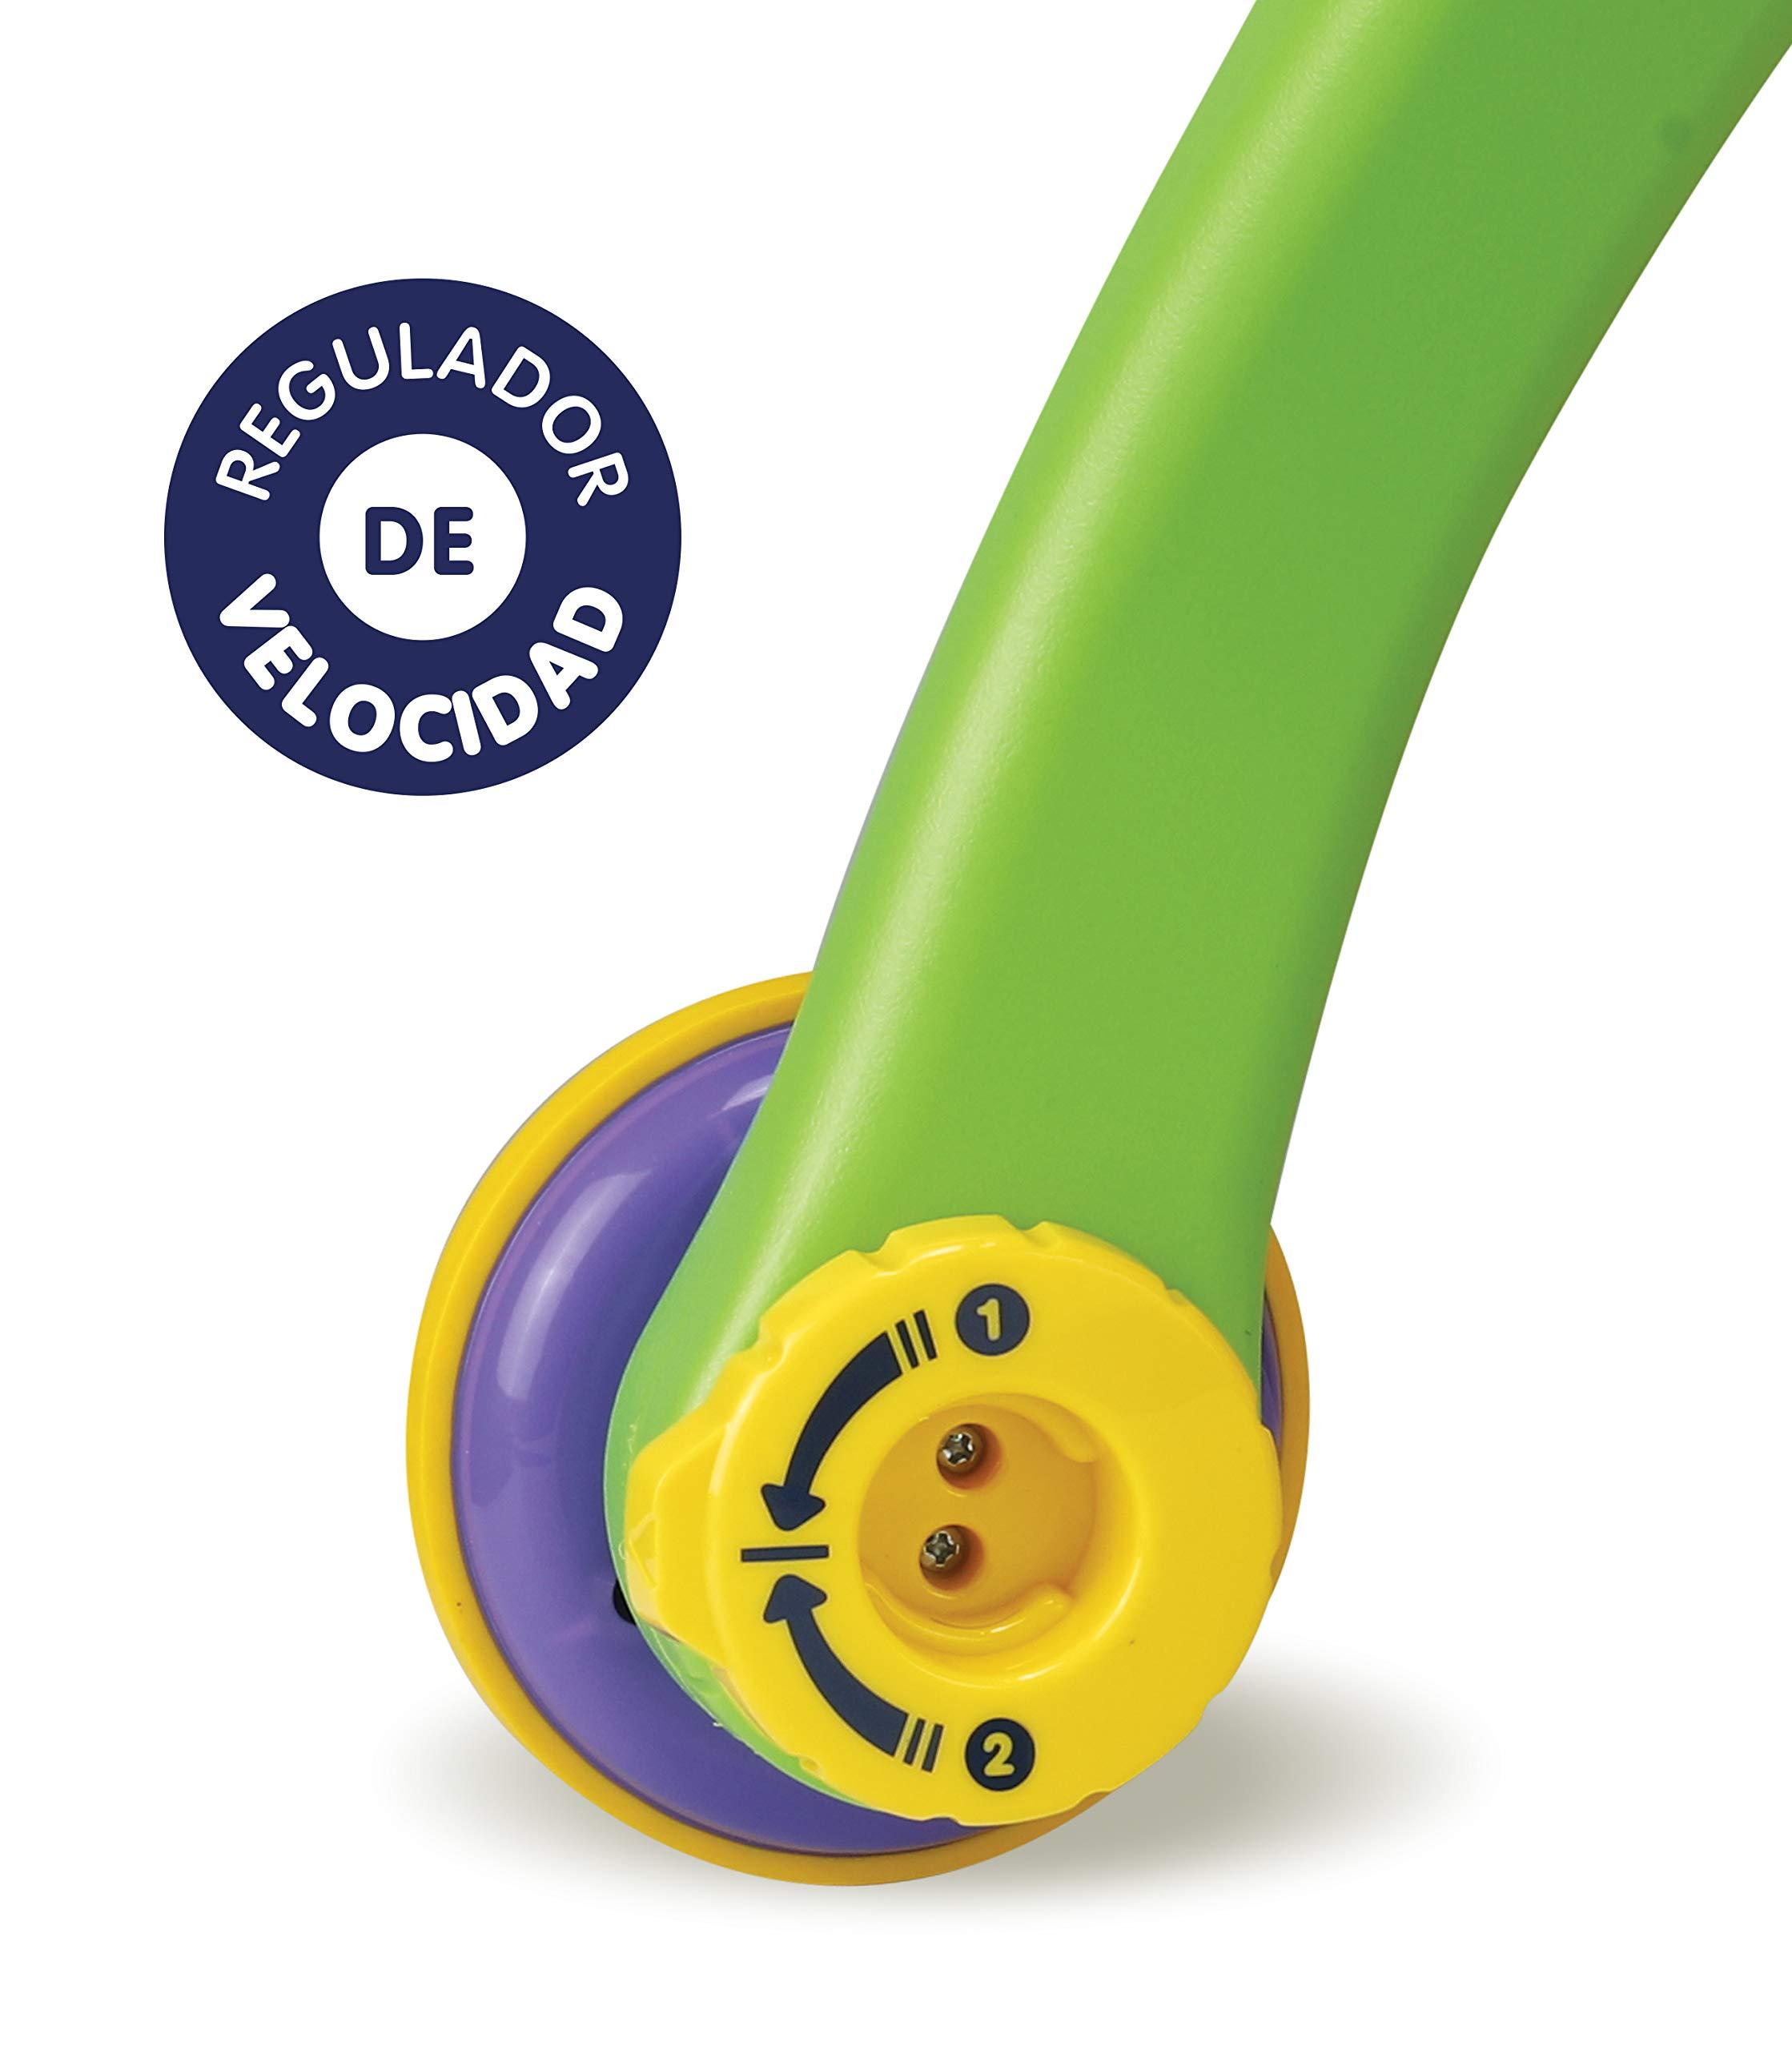 Correpasillos Andand/ín 2 en 1 80-505622 VTech Dise/ño Mejorado Andador Beb/é InTeractivo Plegable y Regulador de Velocidad Multicolor